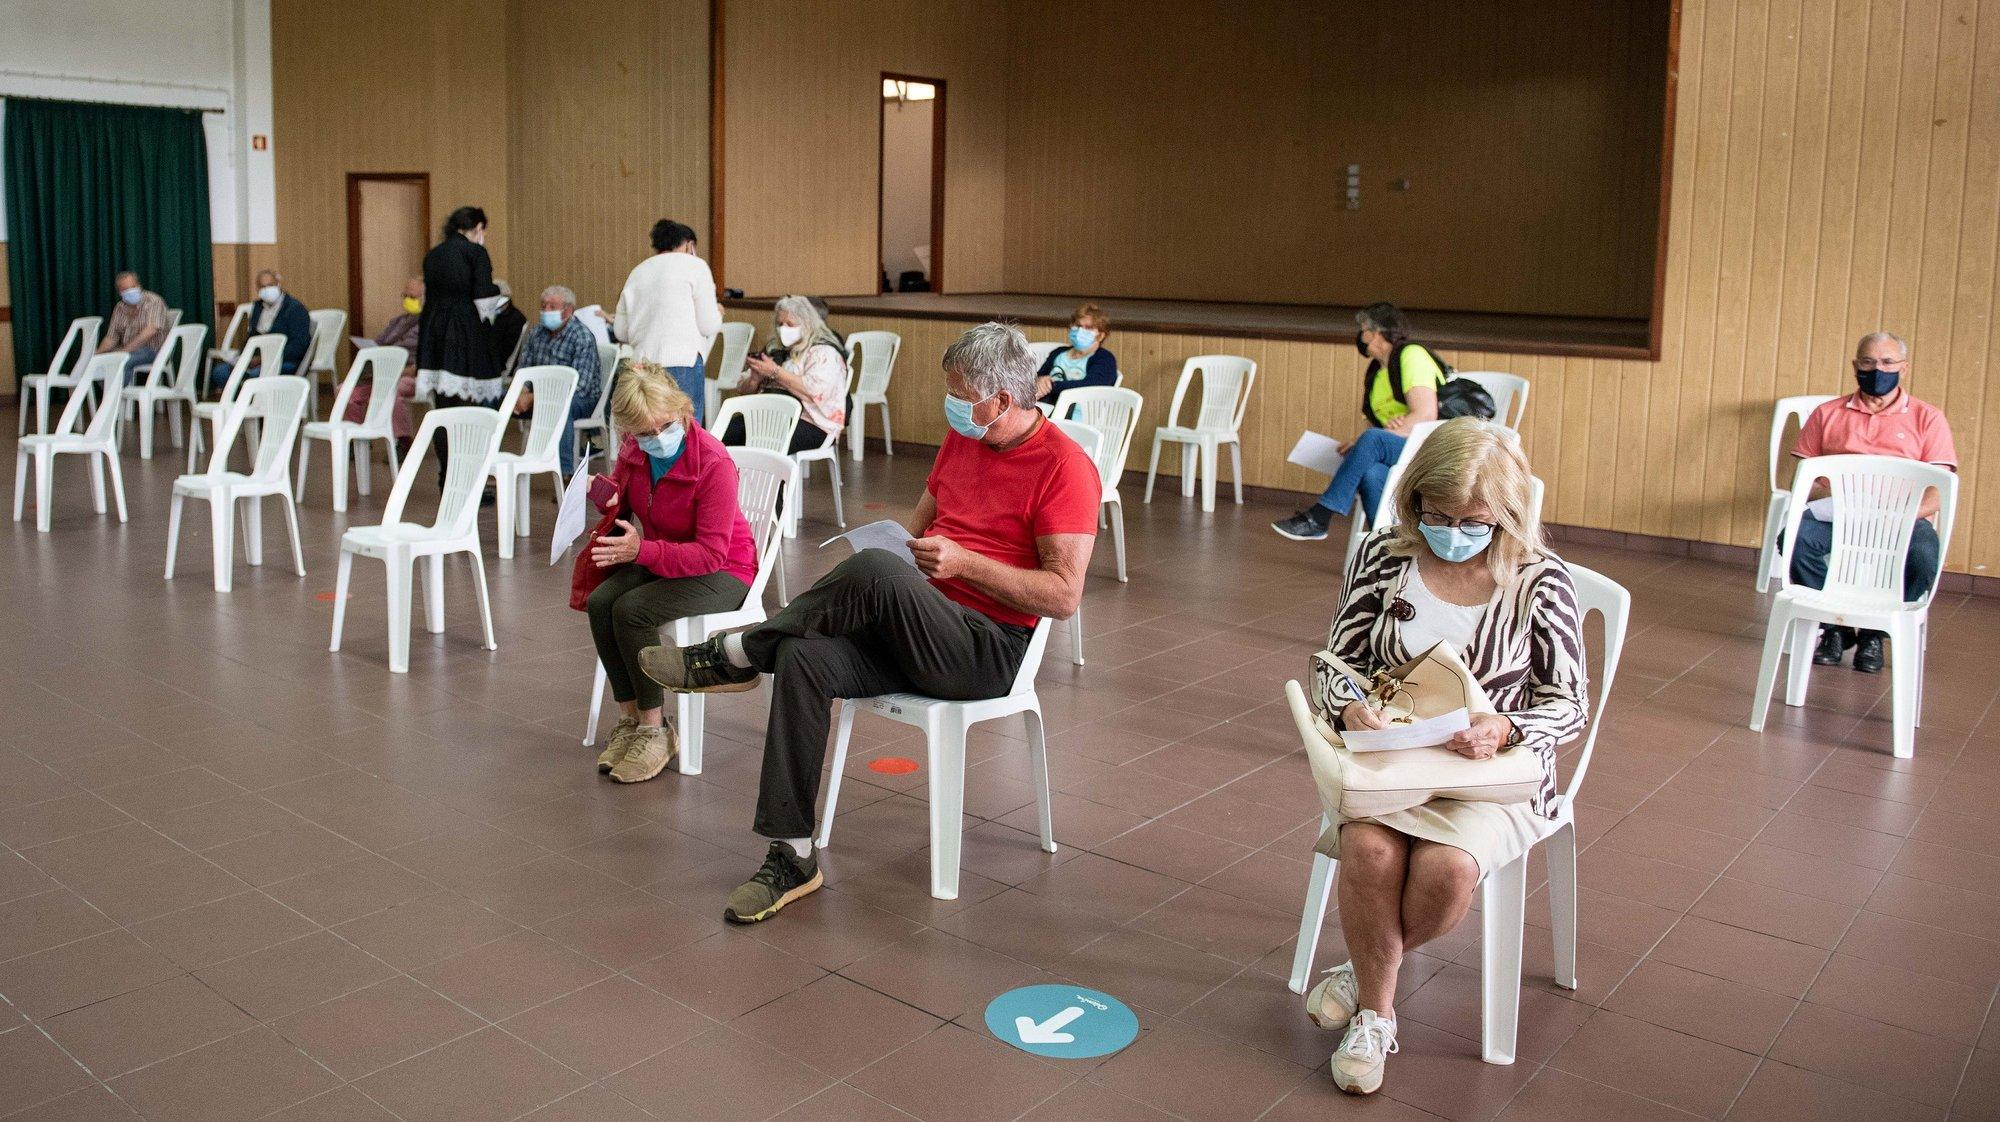 Cidadãos do município de Odemira aguardam a vez para tomar a vacina contra o coronavírus SARS-CoV-2 , reforçado com o apoio de militares do Exército e que foi acompanhado pelo ministro da Defesa Nacional, João Gomes Cravinho (ausente da imagem), 02 de maio de 2021. TIAGO CANHOTO/LUSA